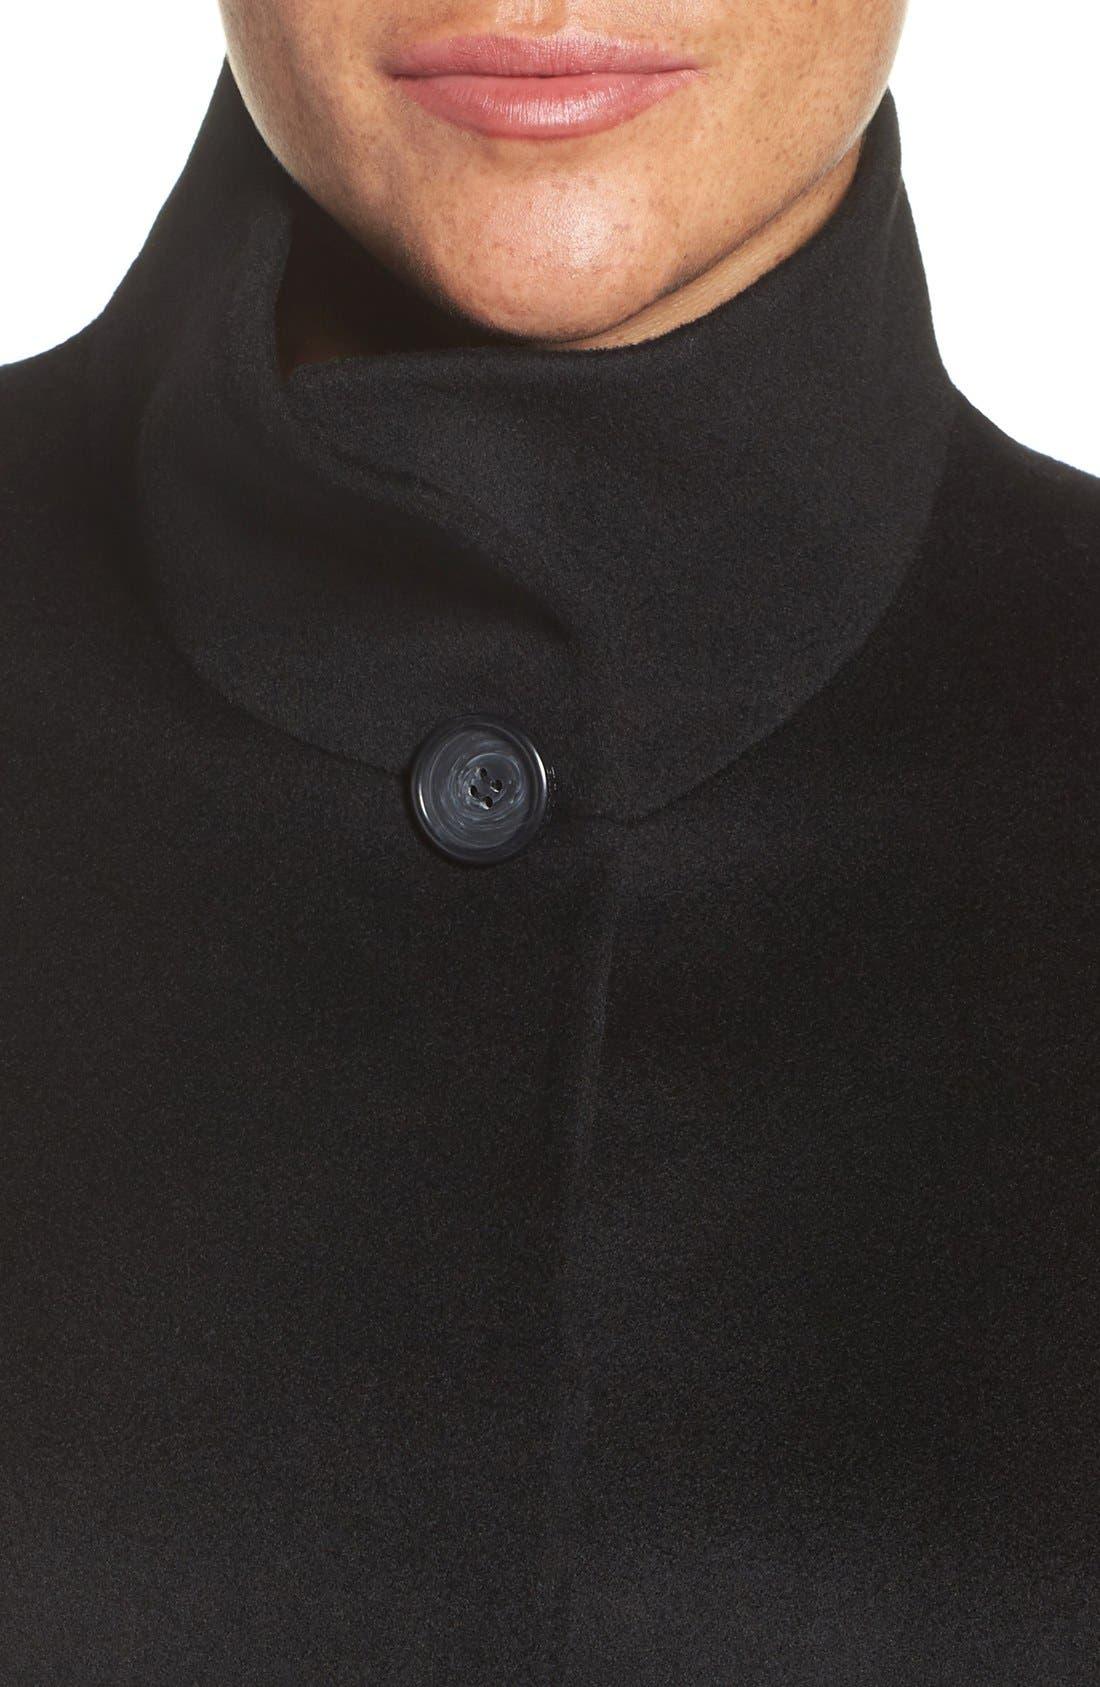 Loro Piana Wool Car Coat,                             Alternate thumbnail 4, color,                             001